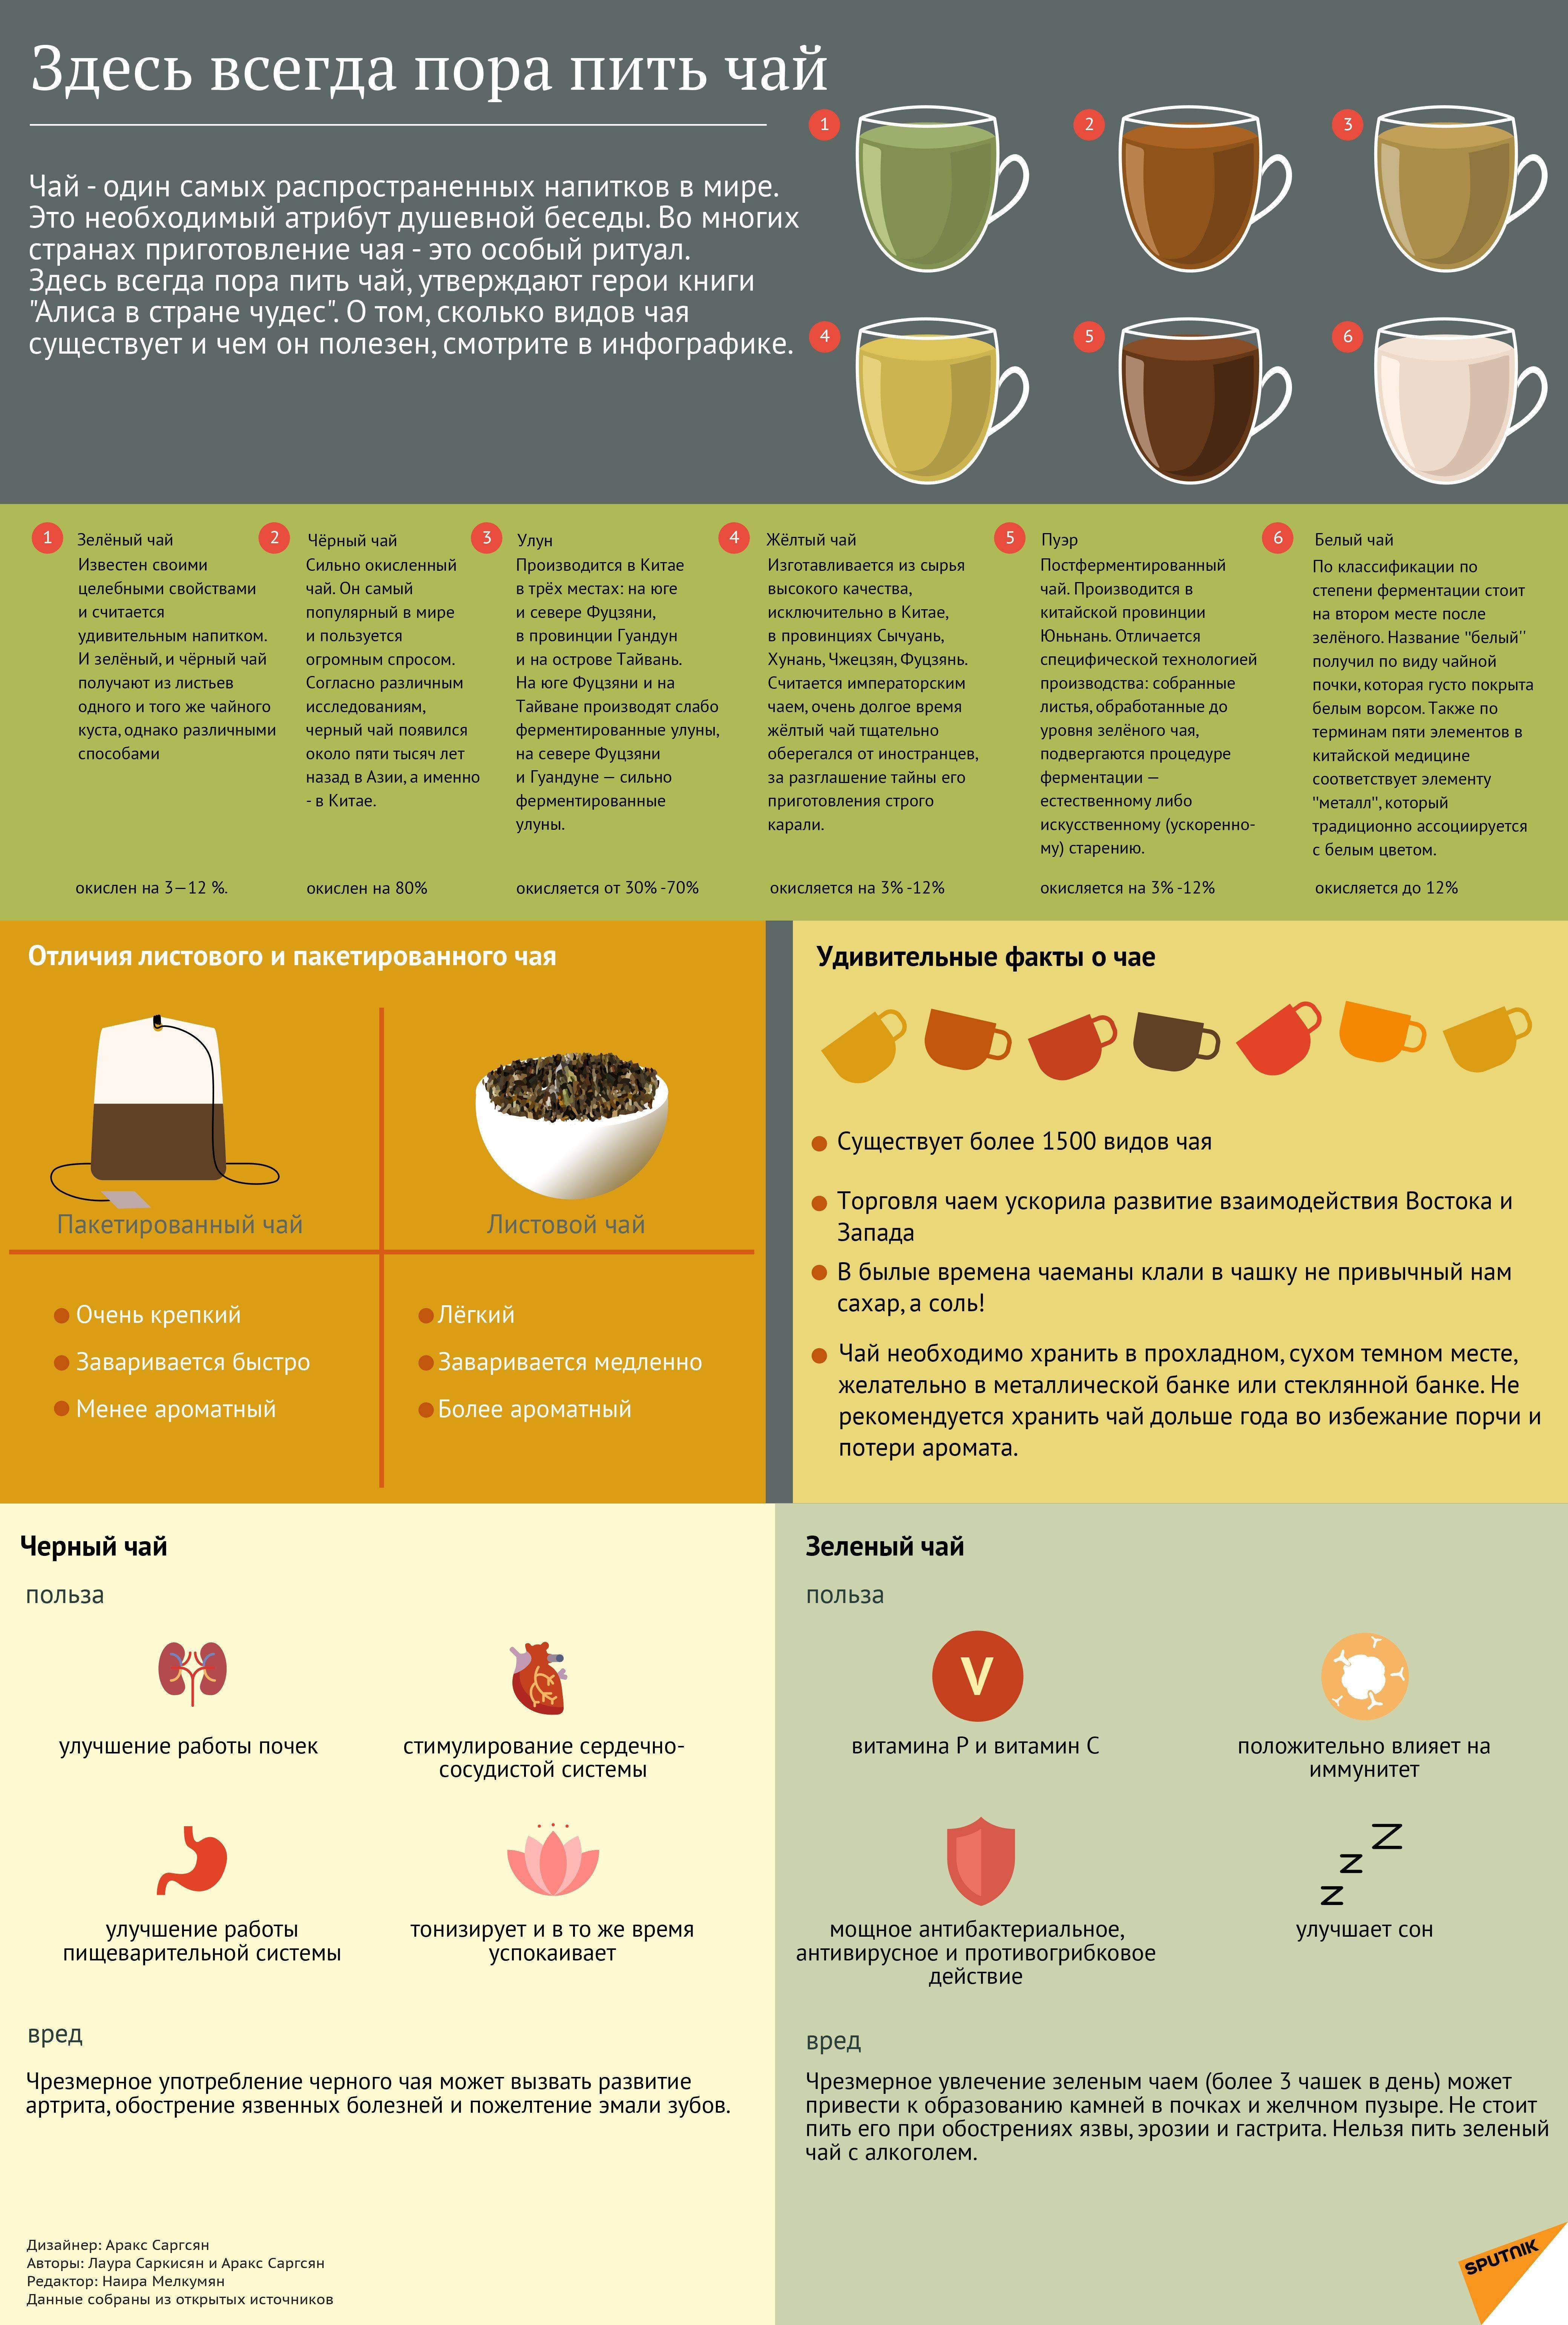 Гранулированный чай — преимущества и недостатки чая из гранул